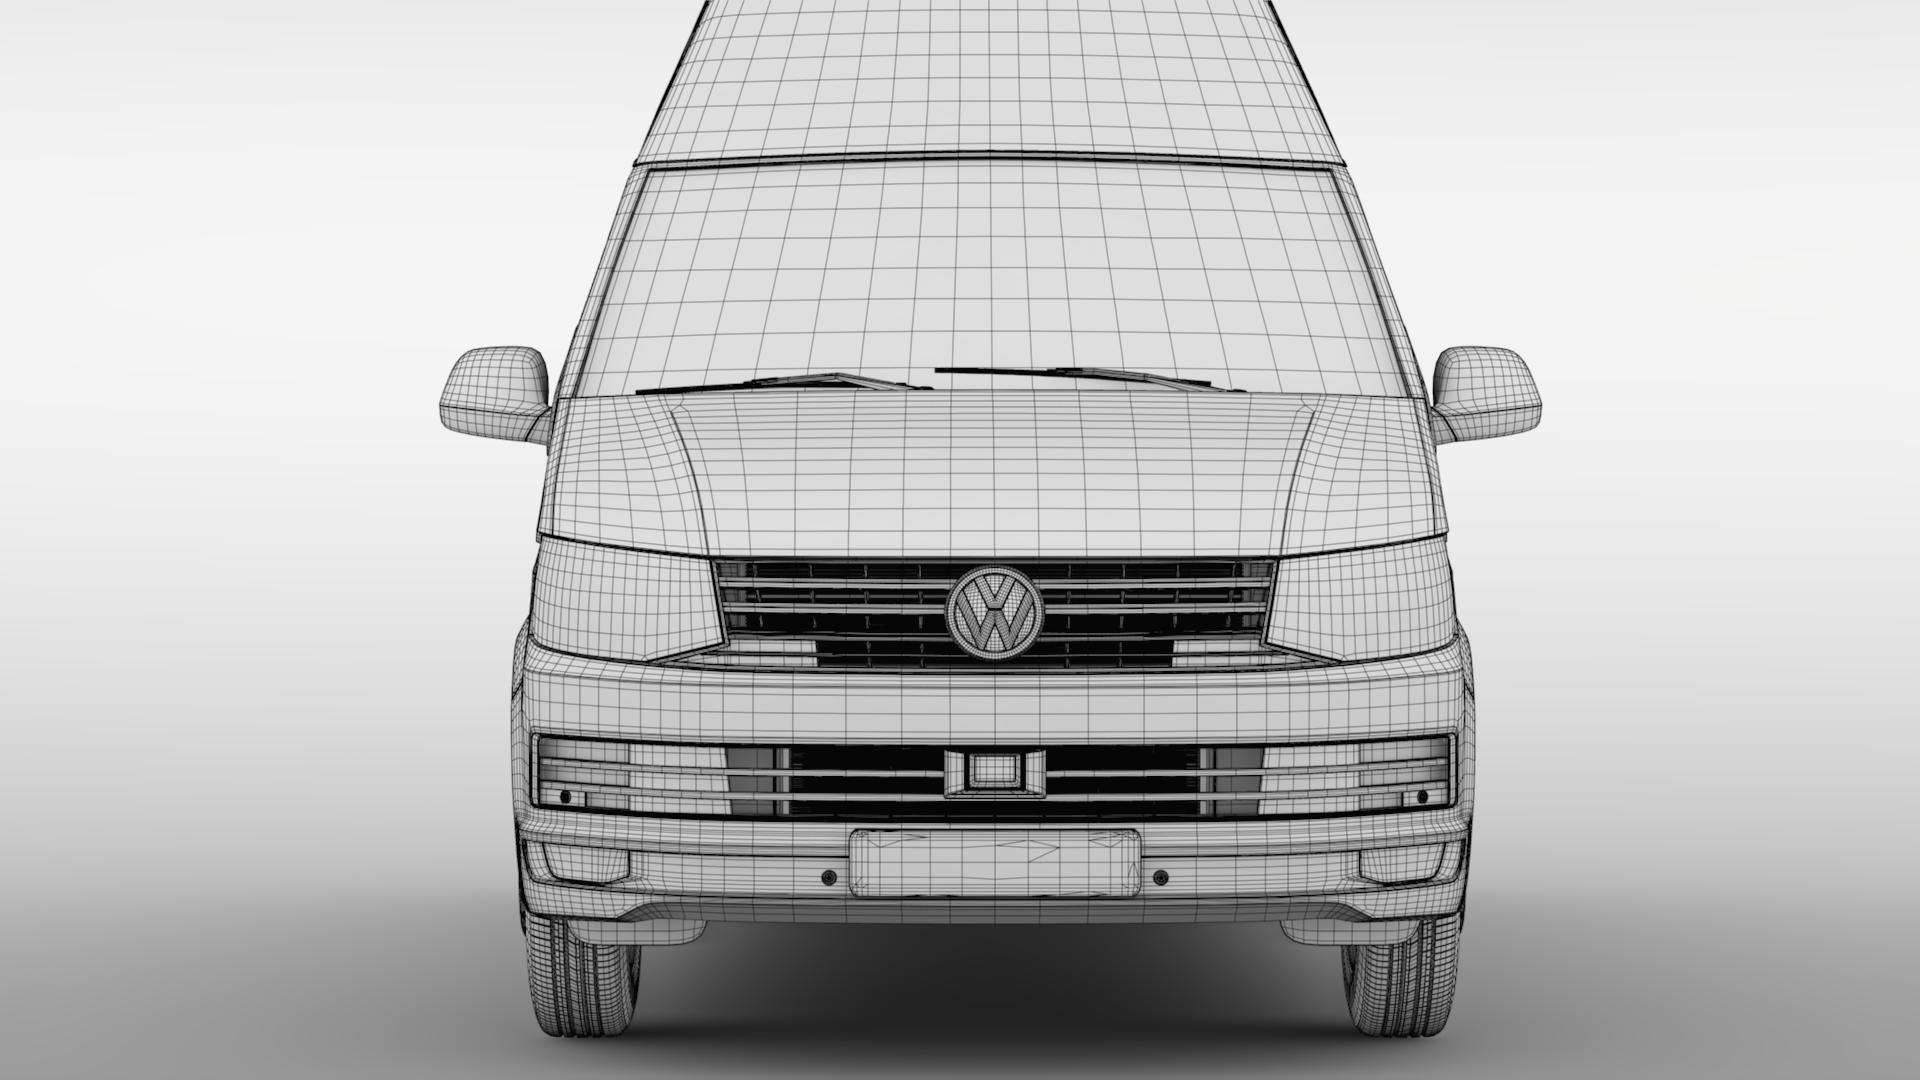 volkswagen transporter van l2h3 t6 2017 3d model max fbx c4d lwo ma mb hrc xsi obj 275305